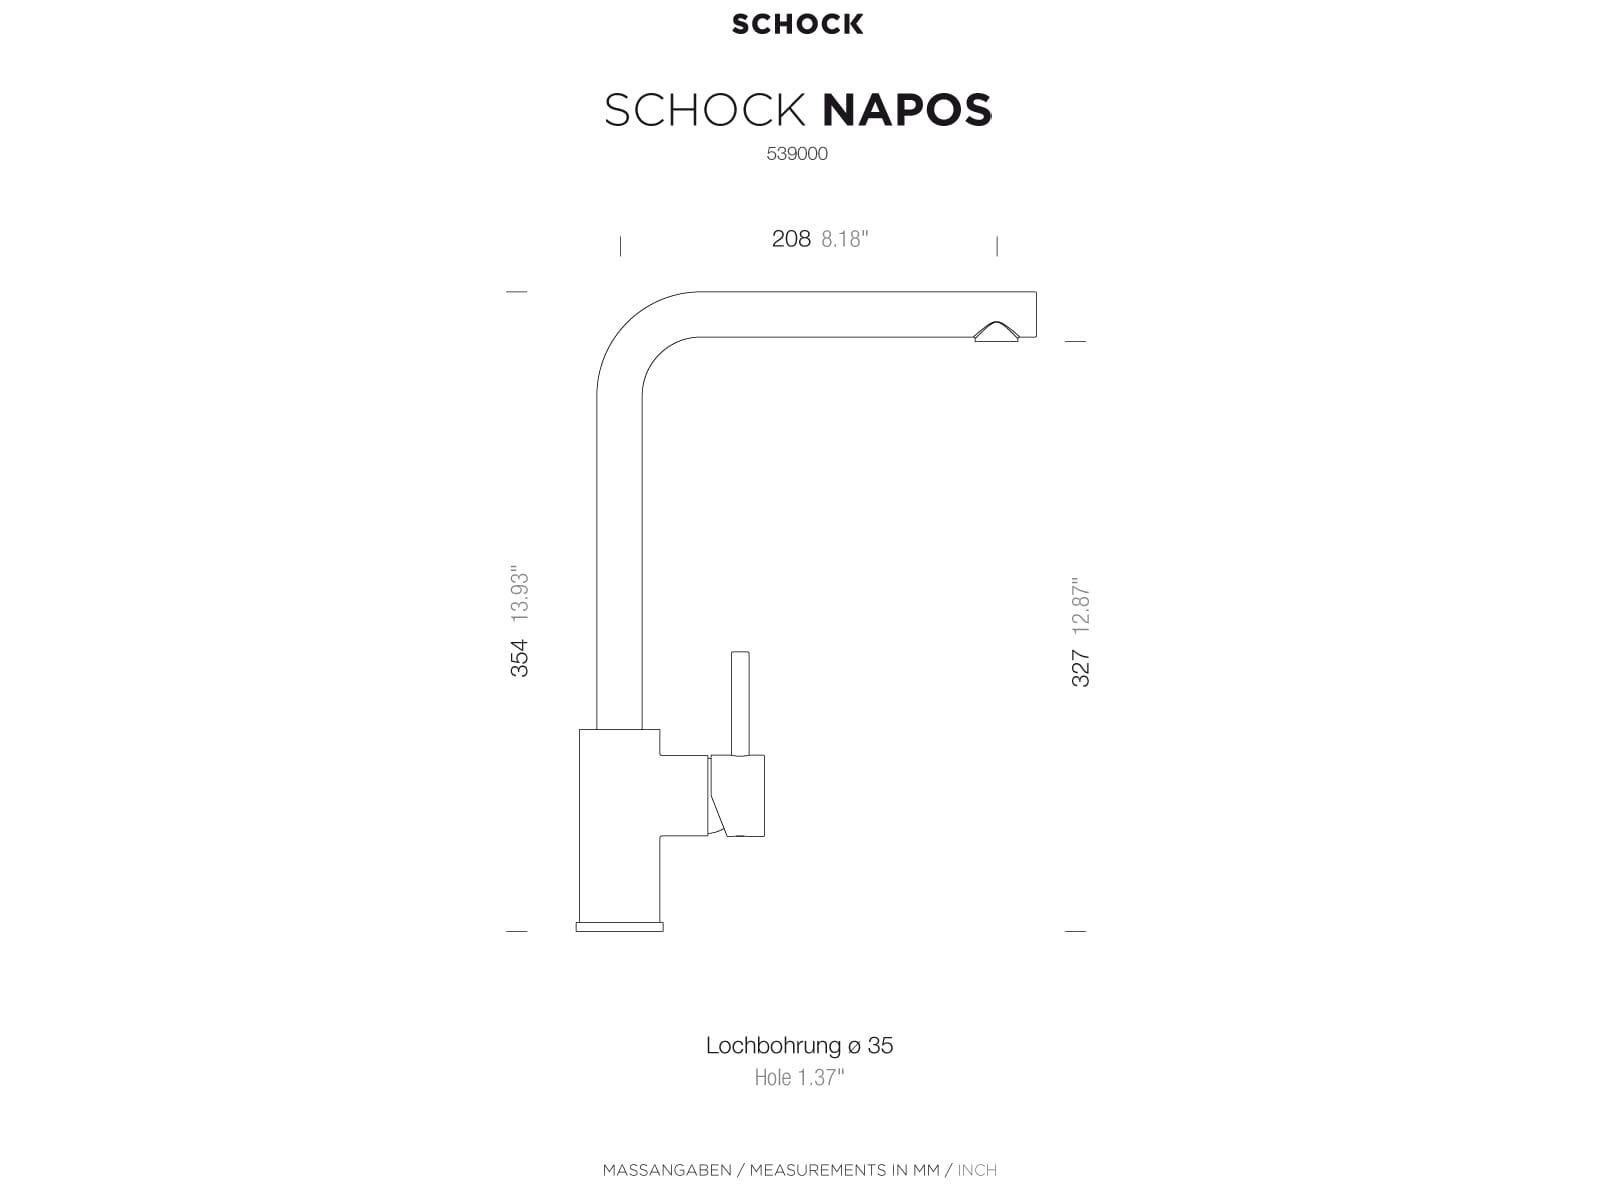 Schock Napos Chrom 539000CHR Hochdruckarmatur